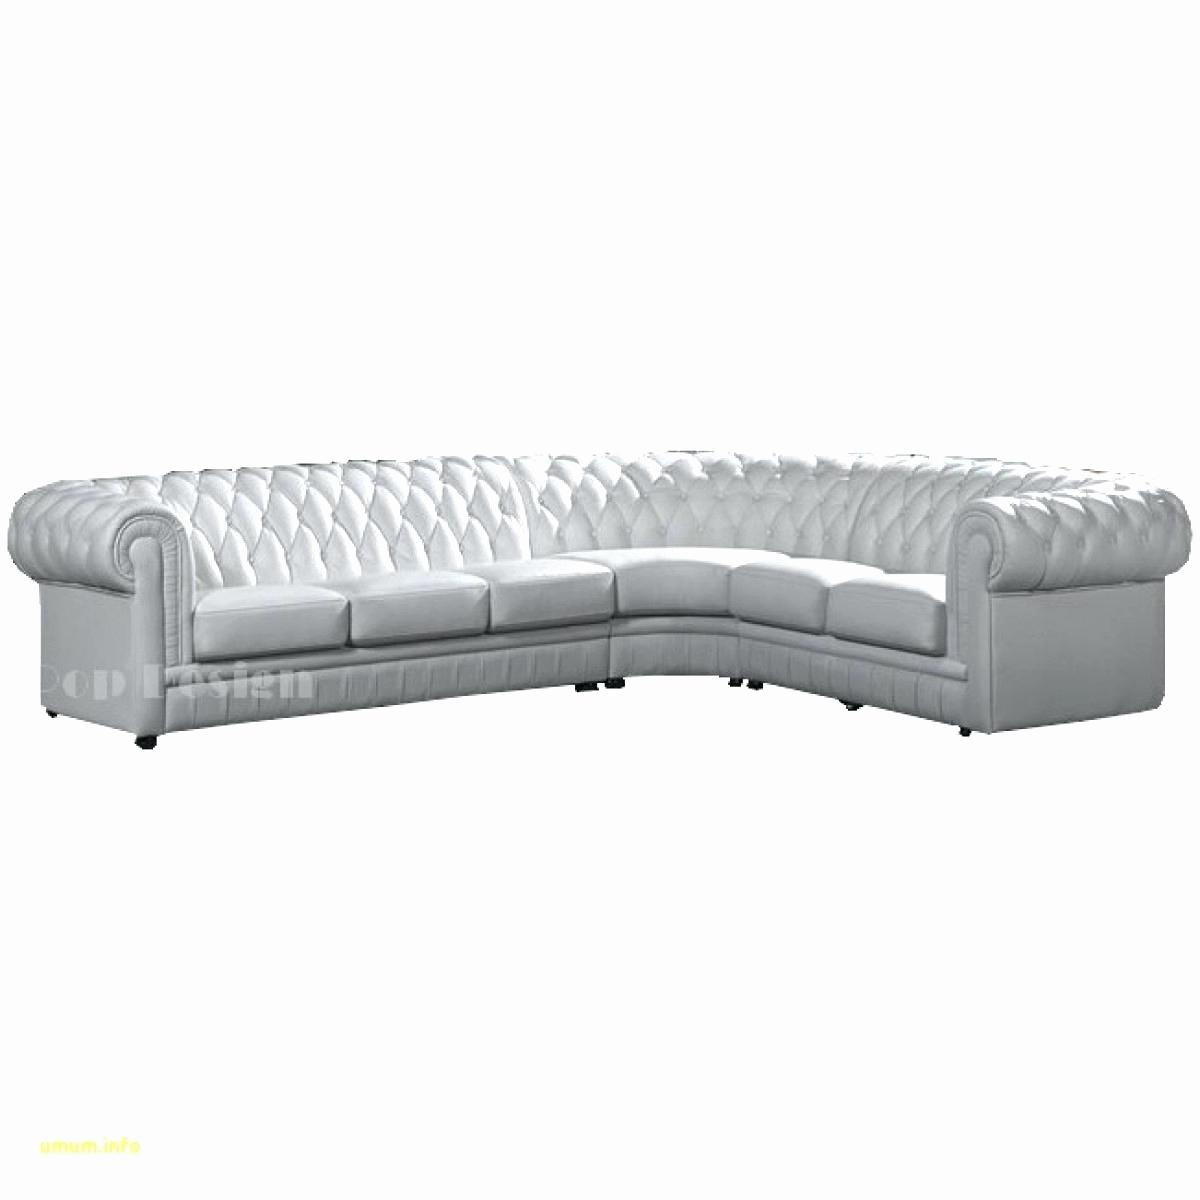 Housse Pour Bz Ikea Frais Image Canape Convertible Bz Nouveau Ikea Housse Bz Best sofa Inspirational